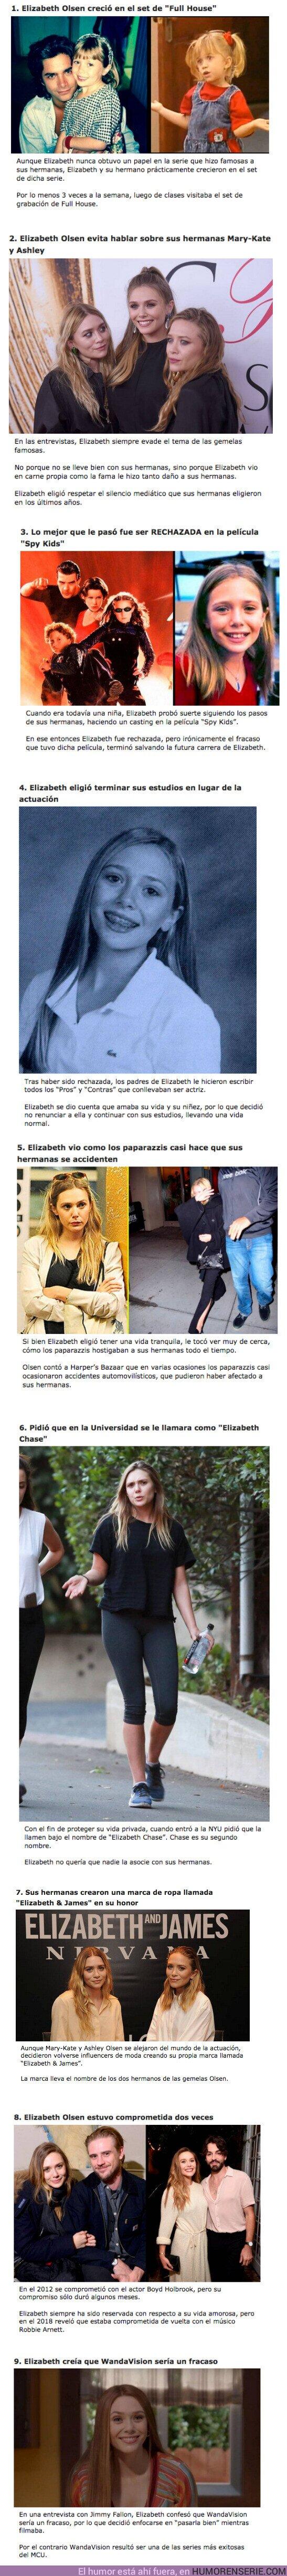 68363 - GALERÍA: 9 Curiosidades sobre la vida privada de Elizabeth Olsen